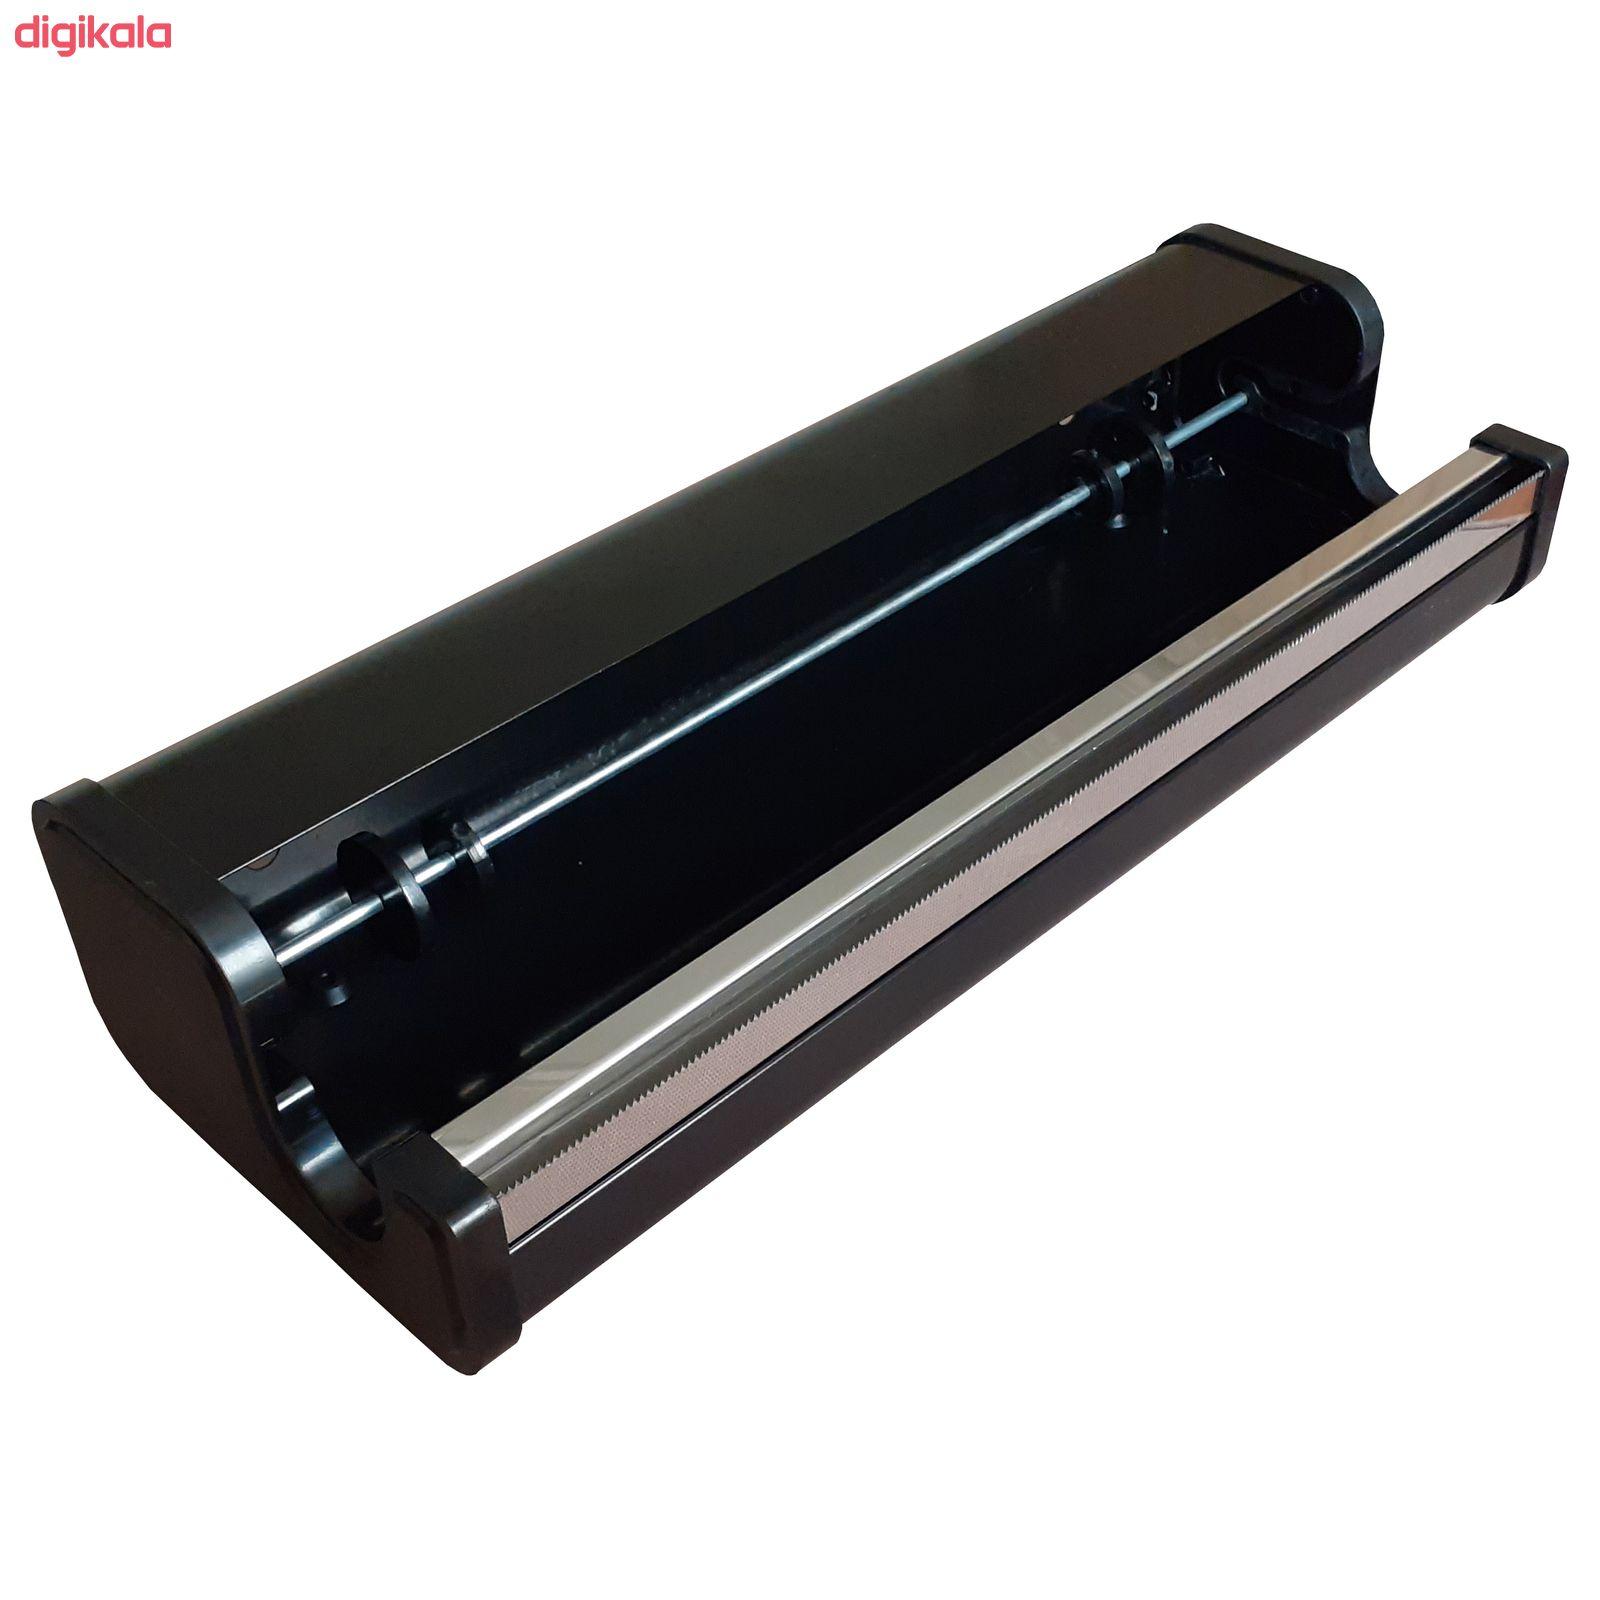 دستگاه سلفون کش مه یاس مدل p431609 main 1 16